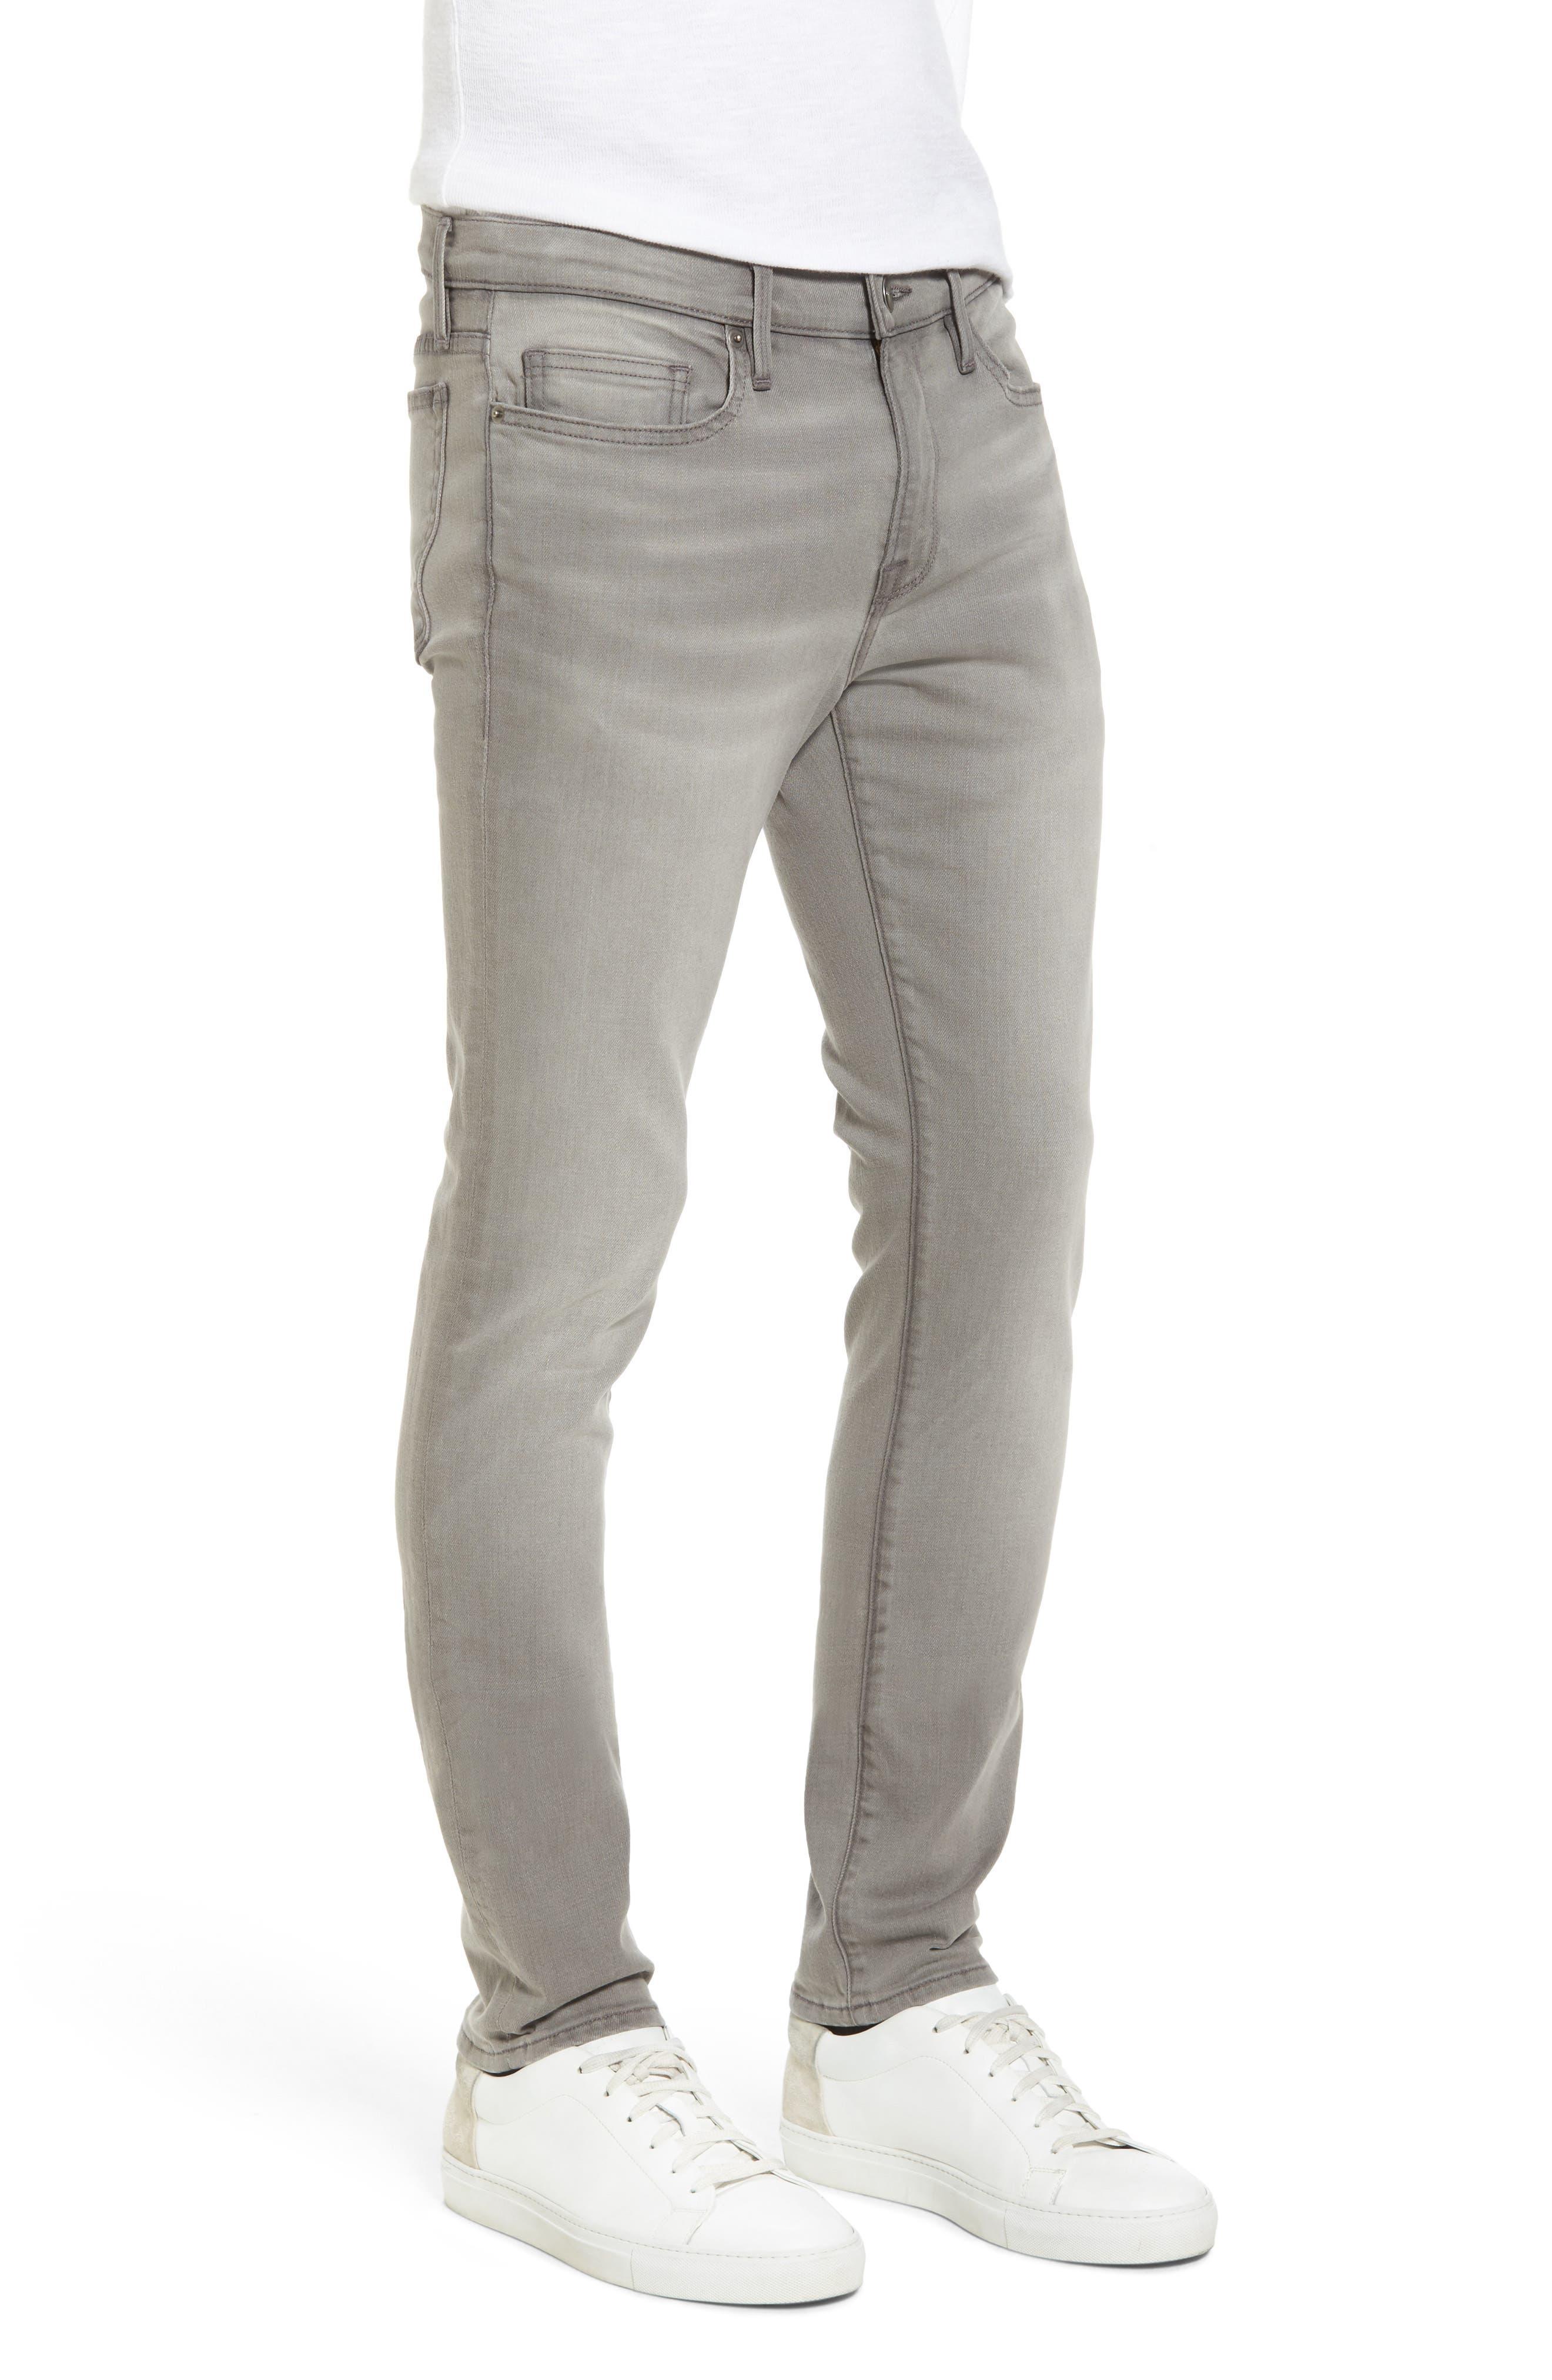 L'Homme Slim Fit Jeans,                             Alternate thumbnail 3, color,                             030